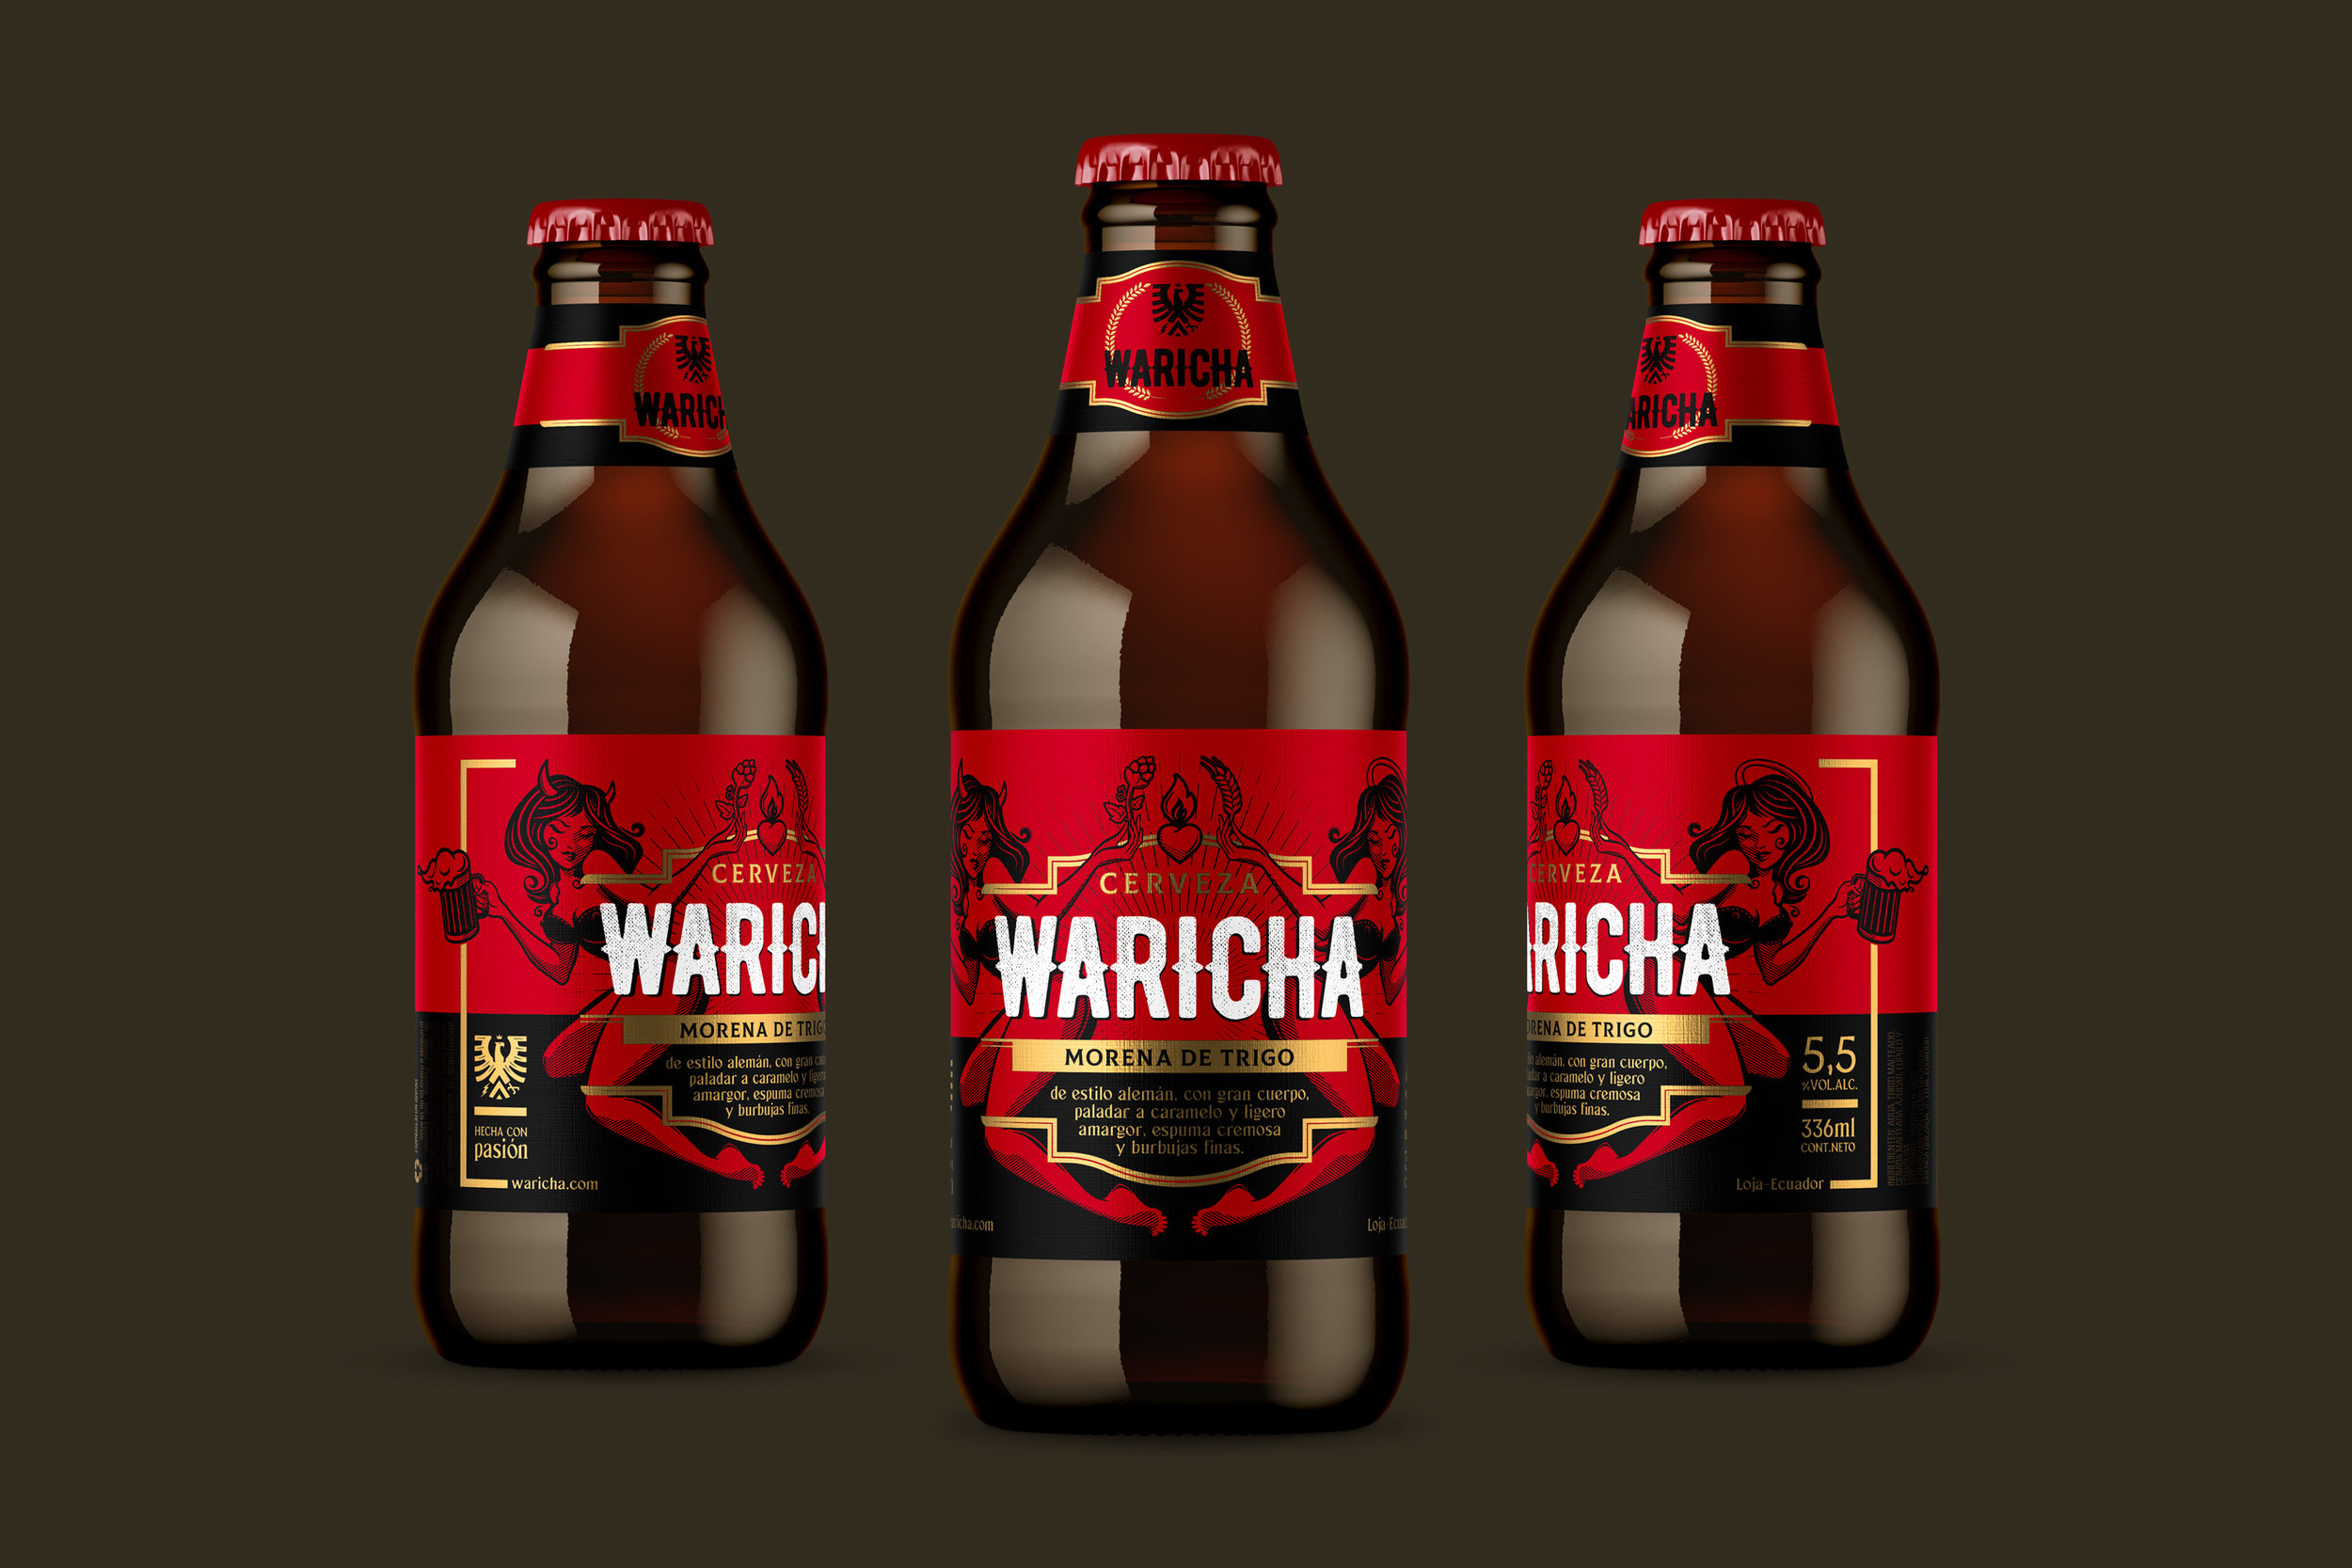 Telmo Cuenca Brand & Packaging Studio - Waricha Craft Beer Brand2.jpg